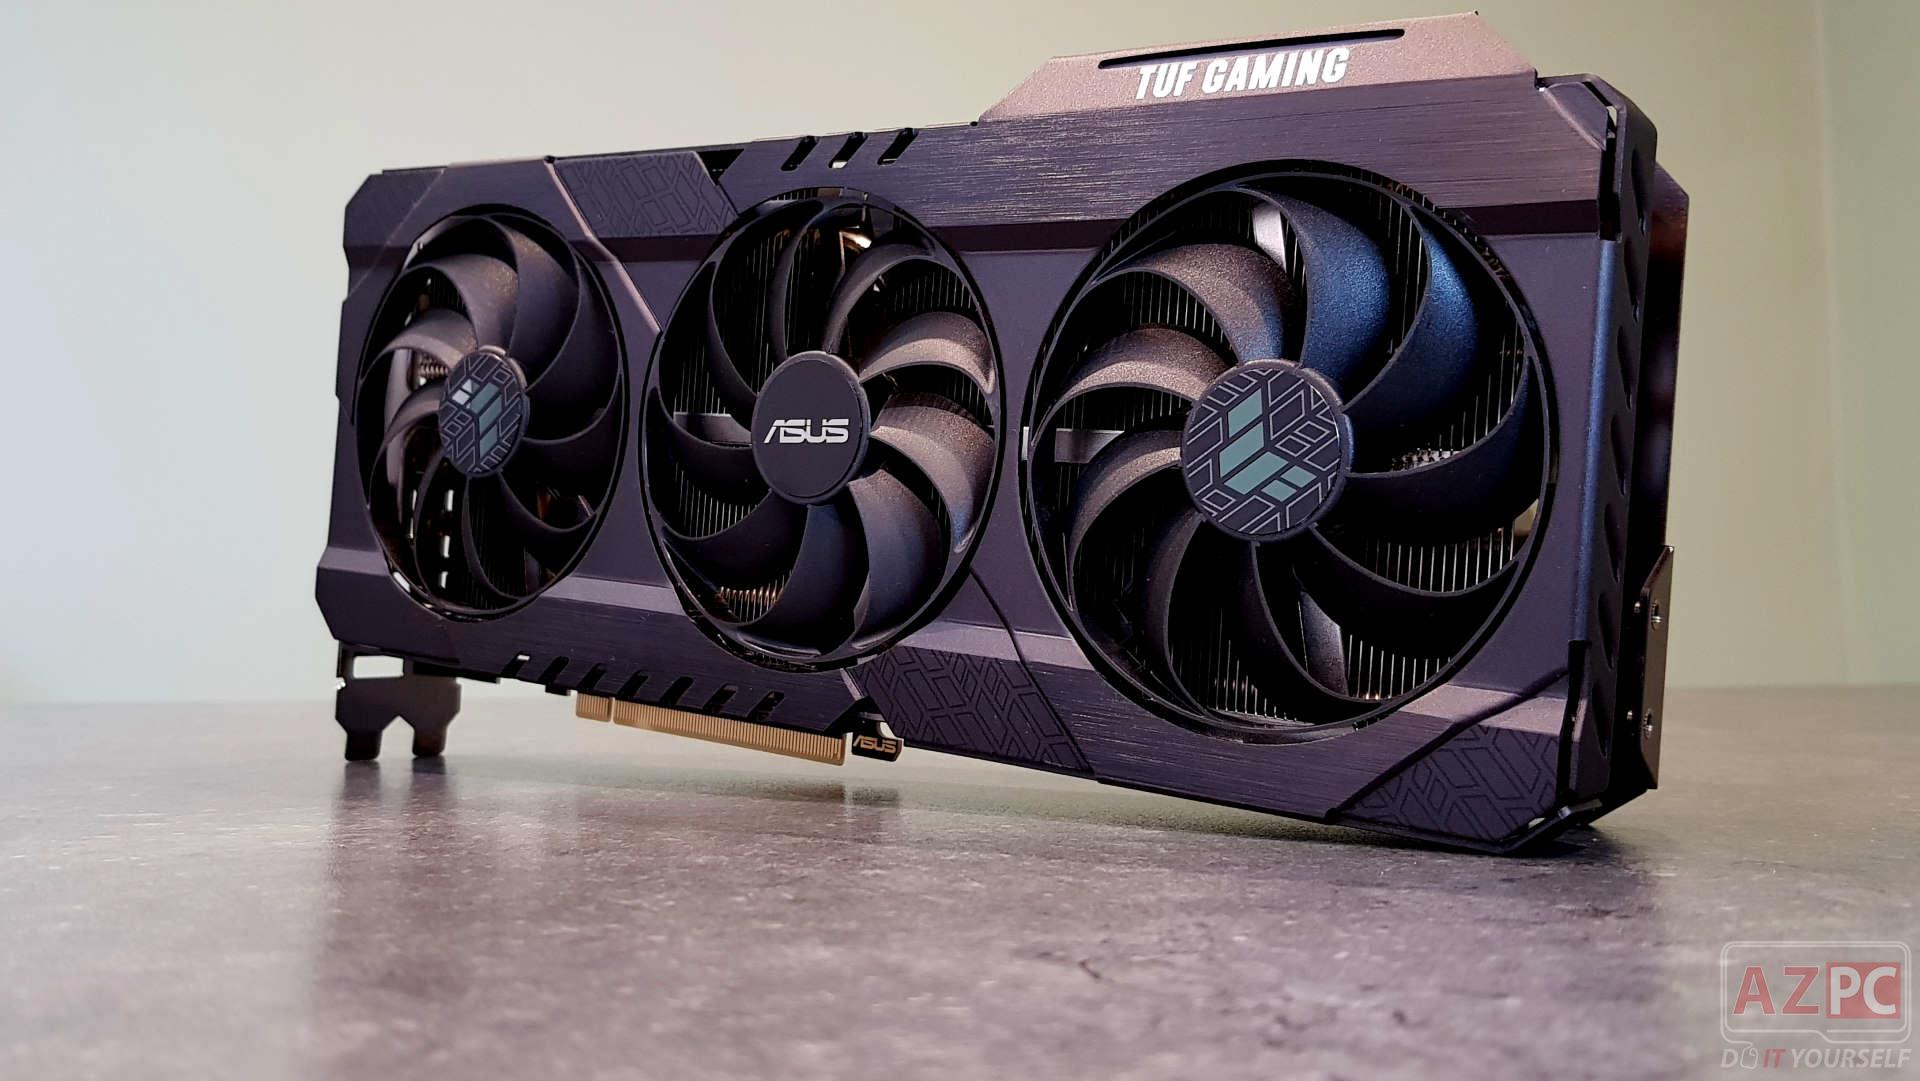 Nvidia RTX 3070 TUF